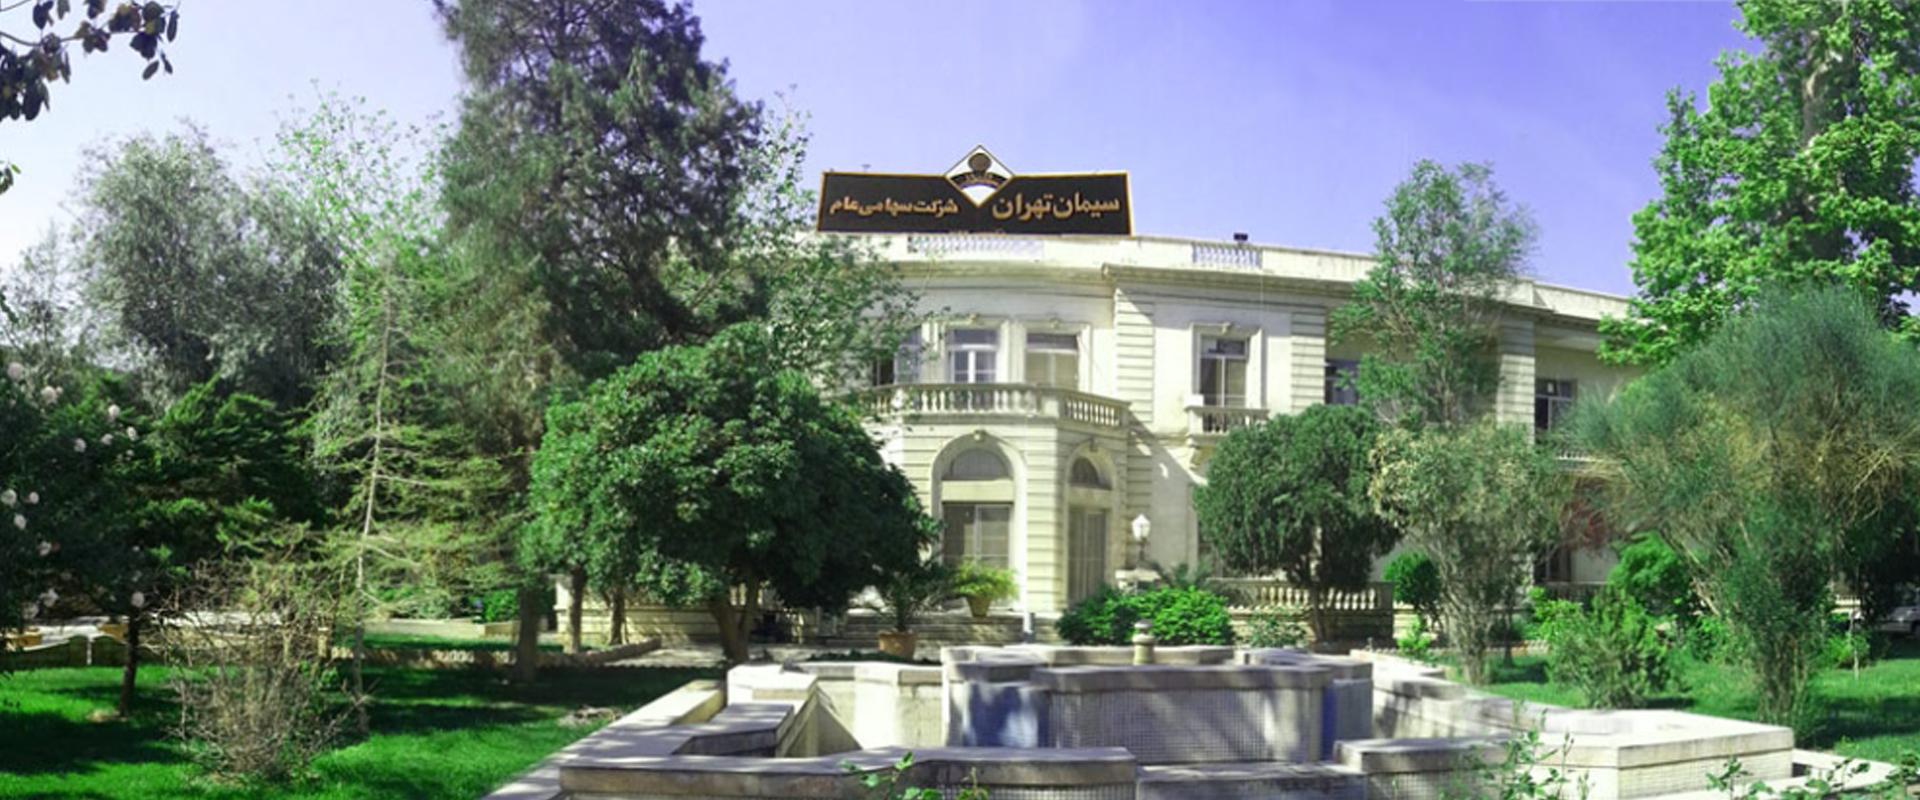 فروش ۴ماهه سیمان تهران بررسی شد